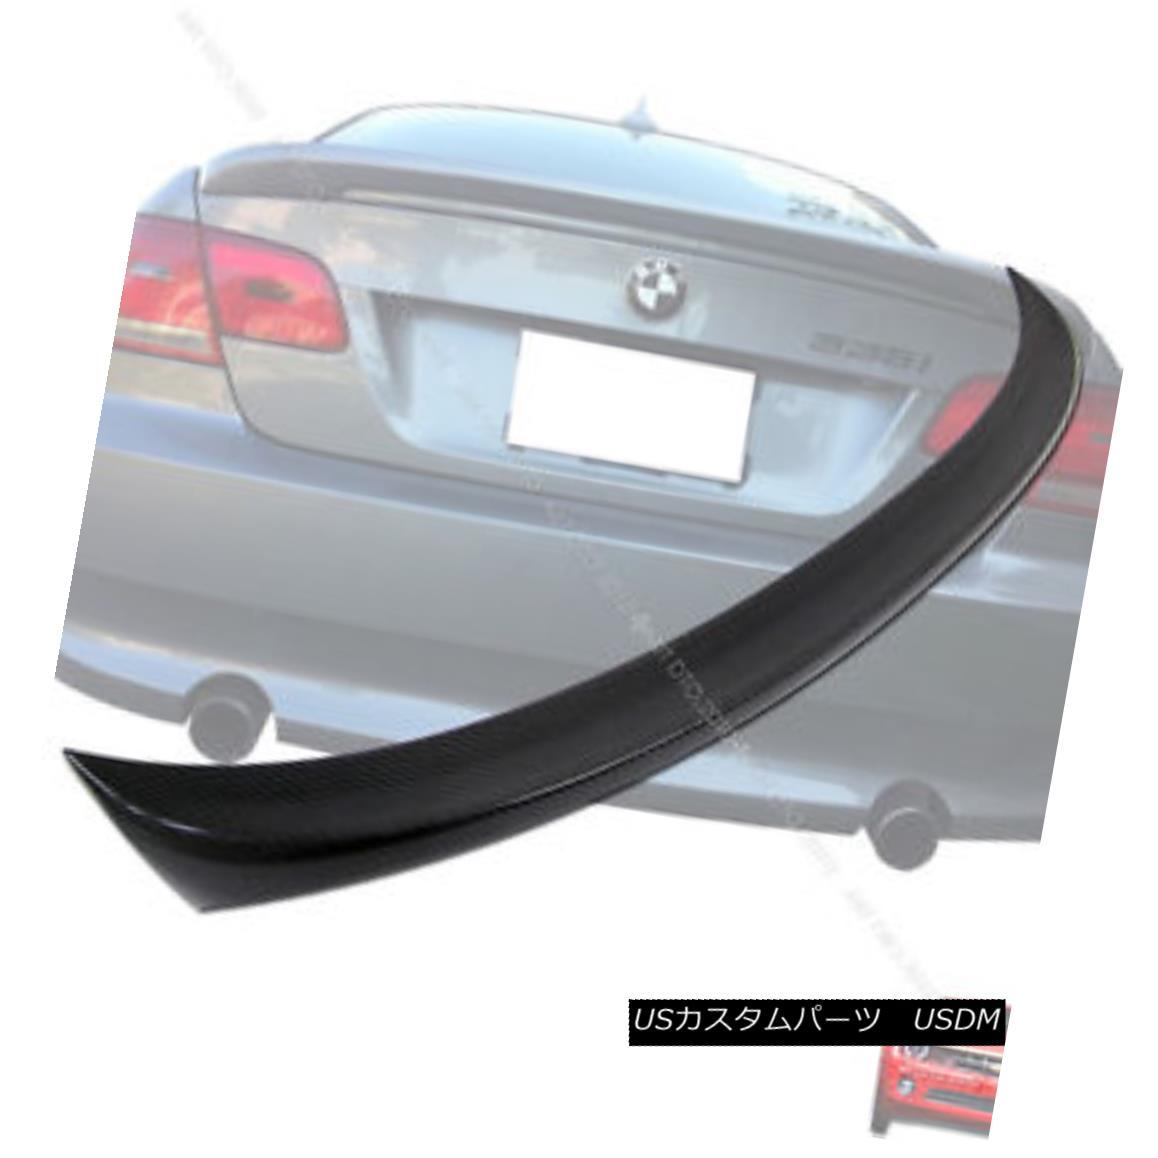 エアロパーツ Carbon Fiber 2DR BMW E92 3er Coupe M-Tech Type Trunk Spoiler 07-13 335is 328i 炭素繊維2DR BMW E92 3erクーペM-Techタイプトランク・スポイラー07-13 335is 328i